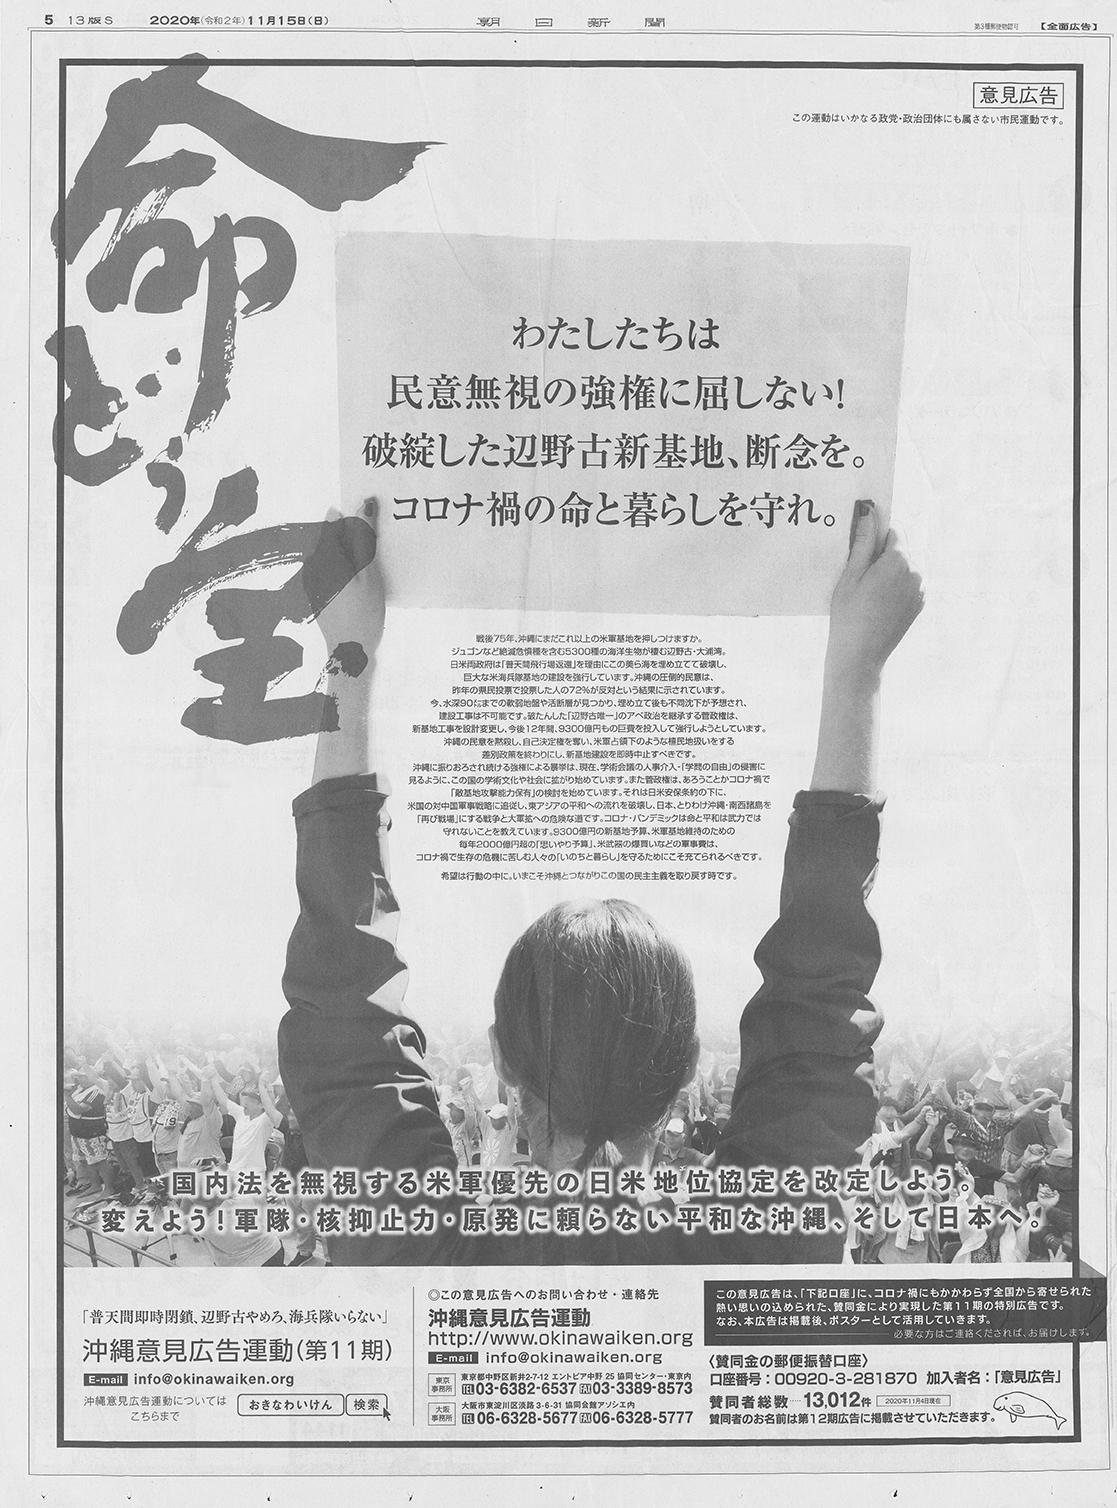 2020年11月15日に、<沖縄意見広告運動>が朝日新聞に掲載した全面広告。